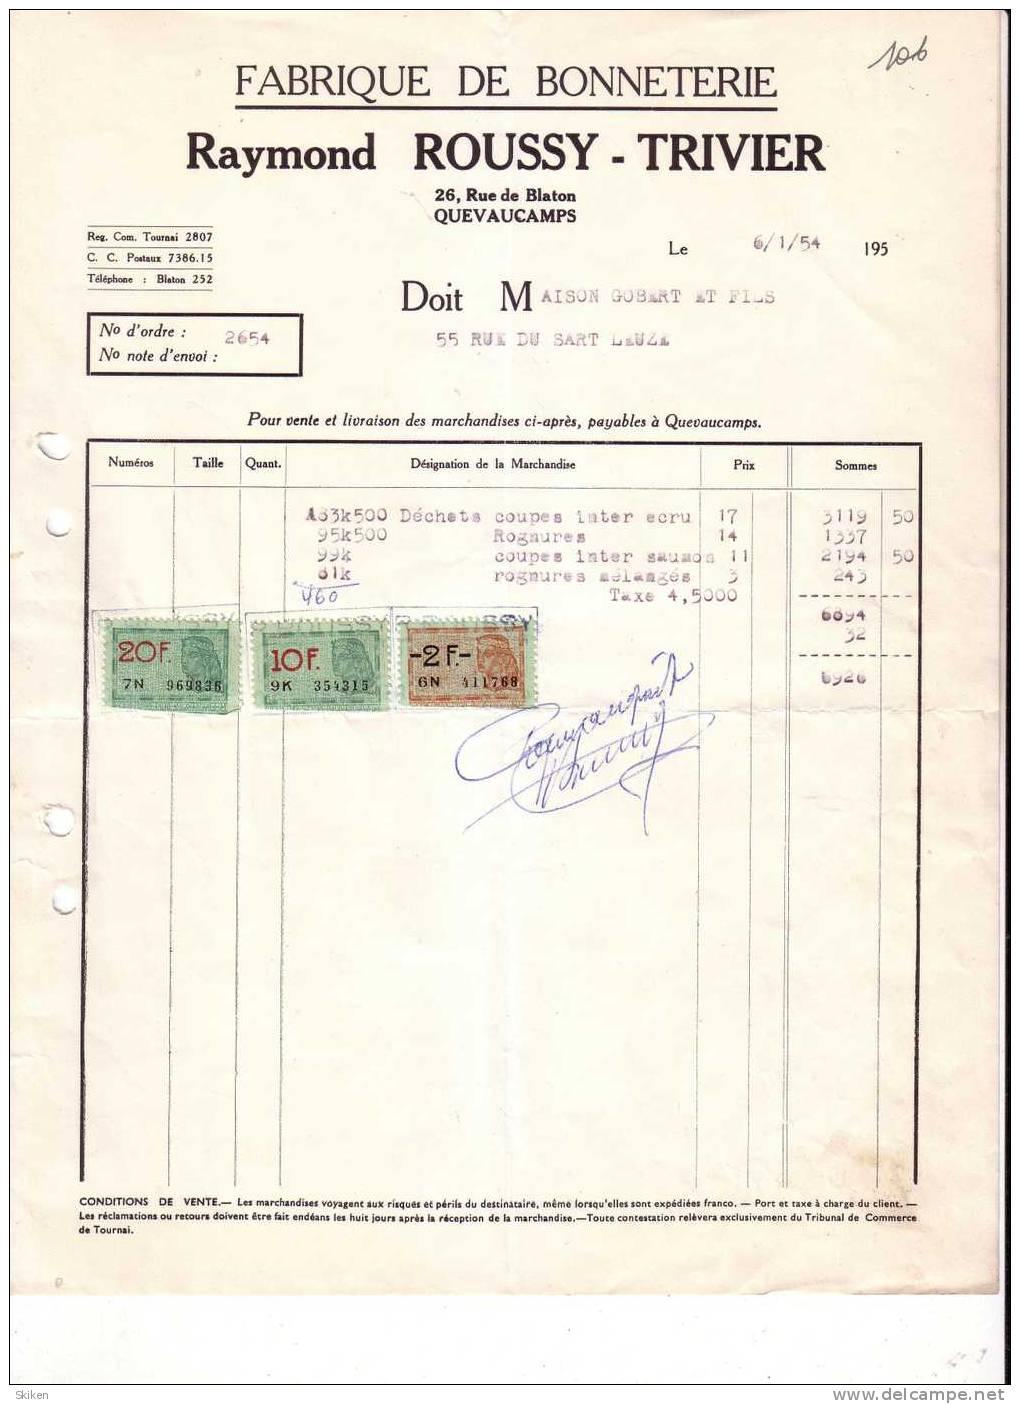 QUEVAUCAMPS RAYMOND ROUSSY TRIVIER     Fabrique De Bonneterie      6.01.1954 - Belgique